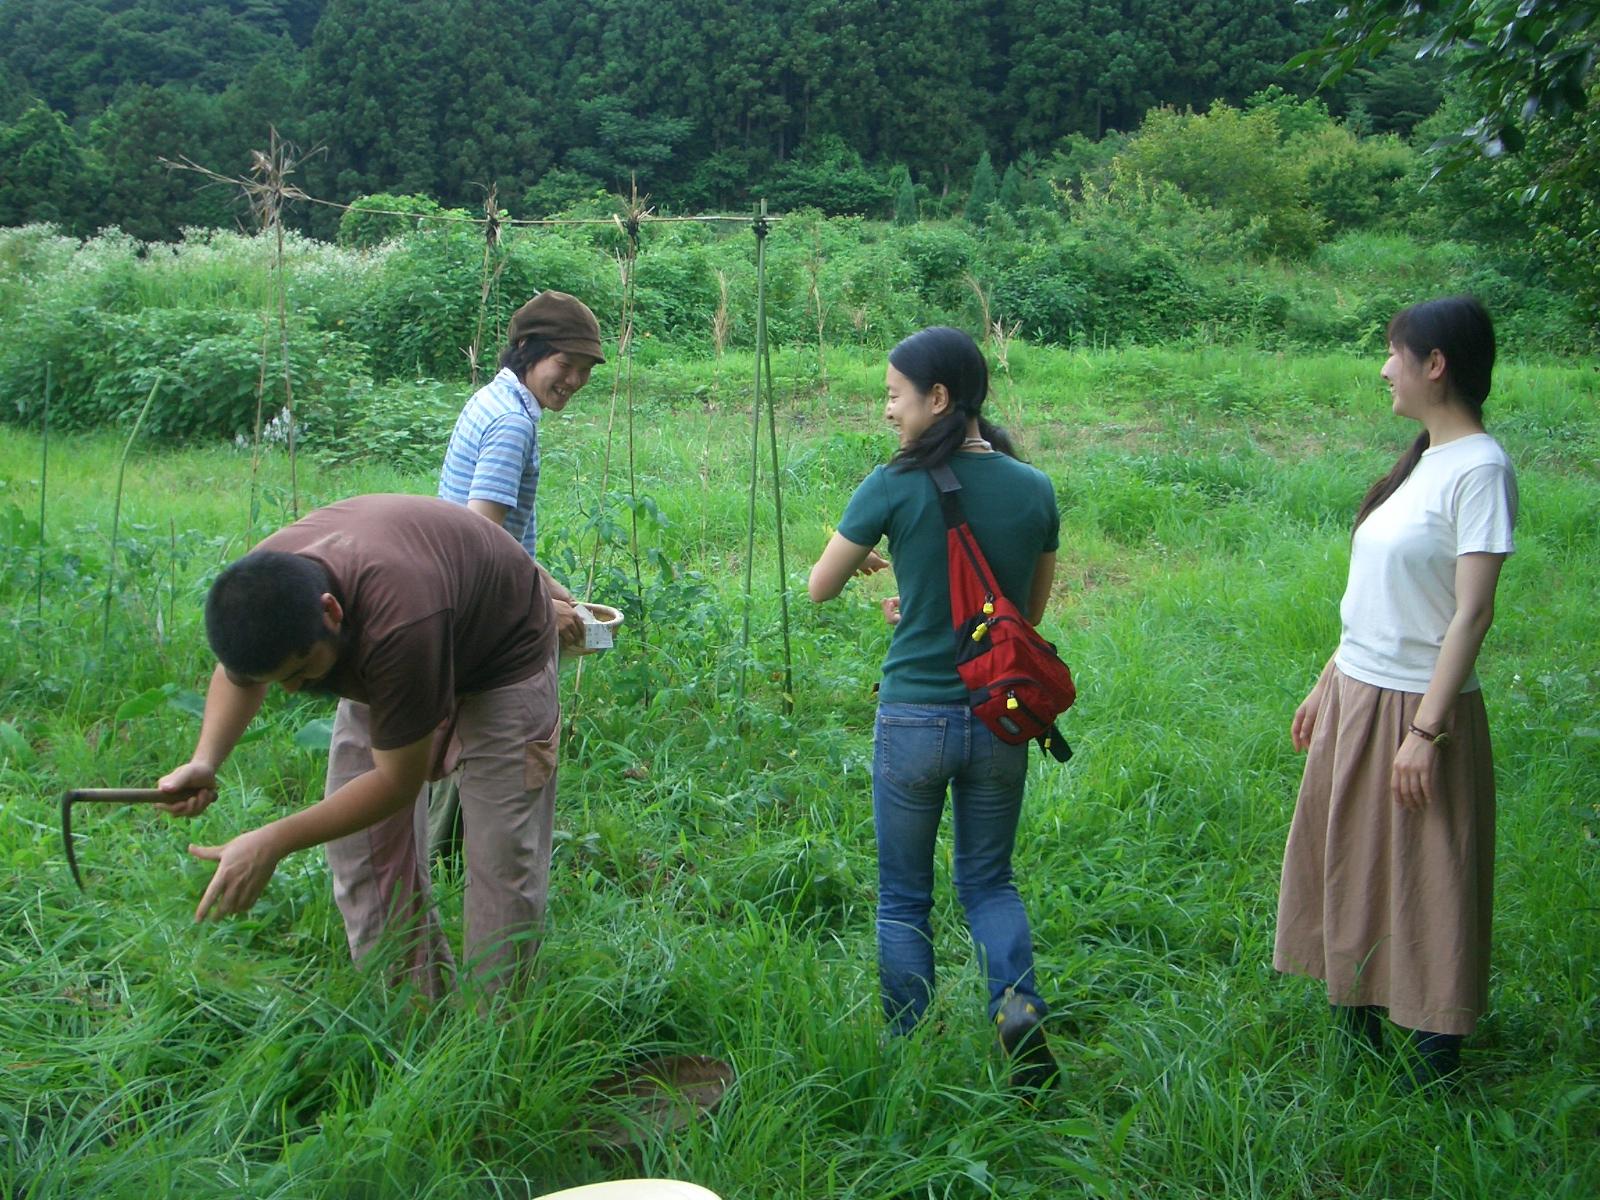 亜由美さん、くまさんのユニット Comugi とお友達ファミリー